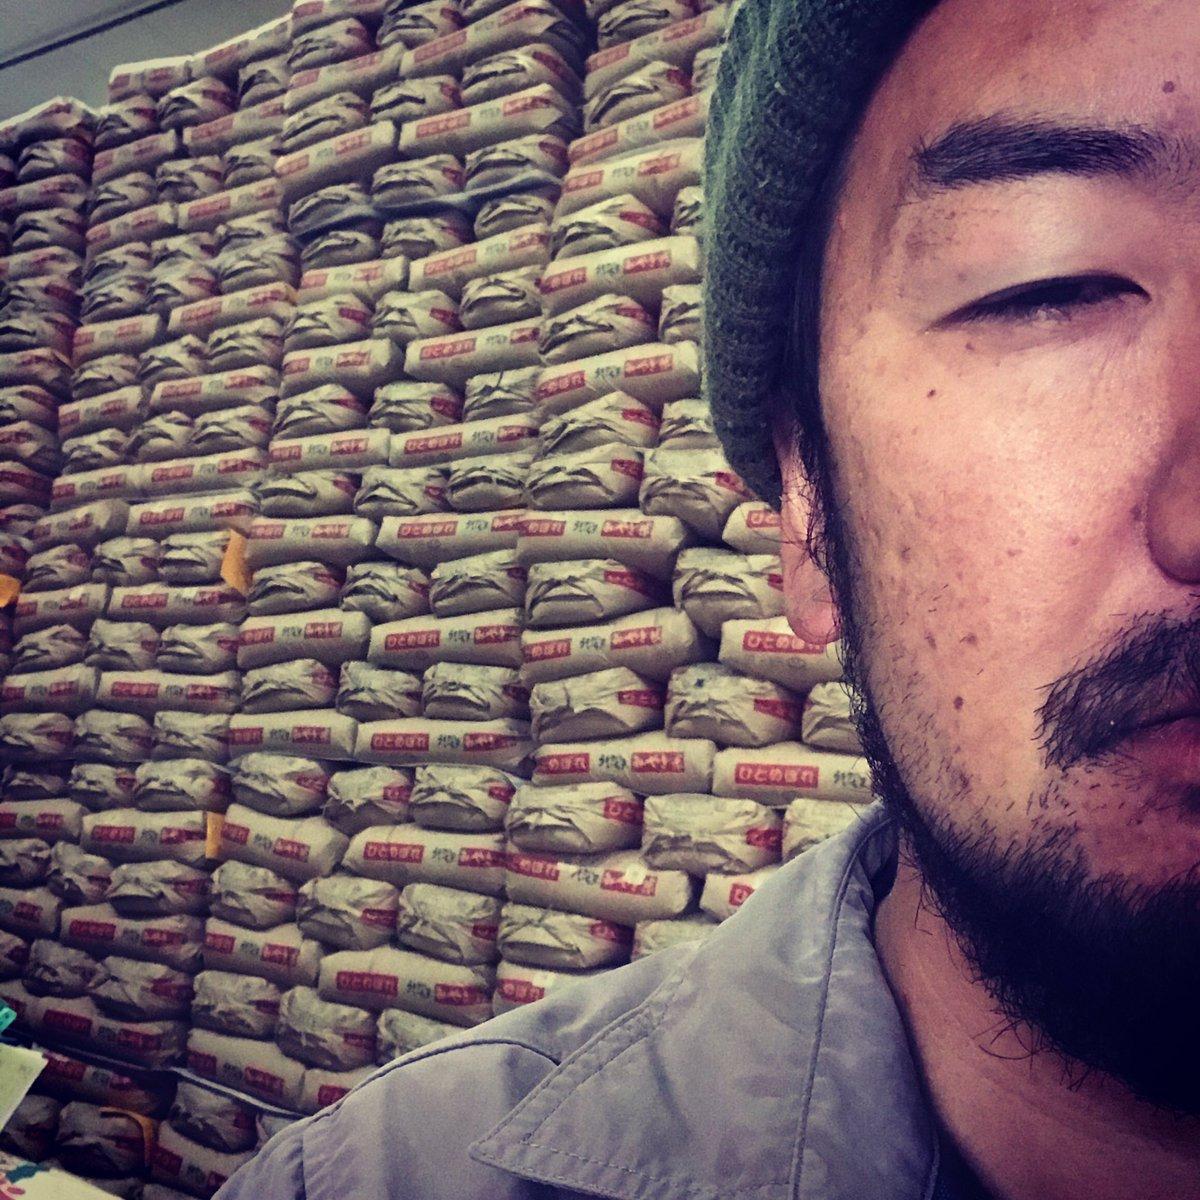 会場で使用されている私が栽培したお米が余って非常に困ってます… ご協力お願い致します